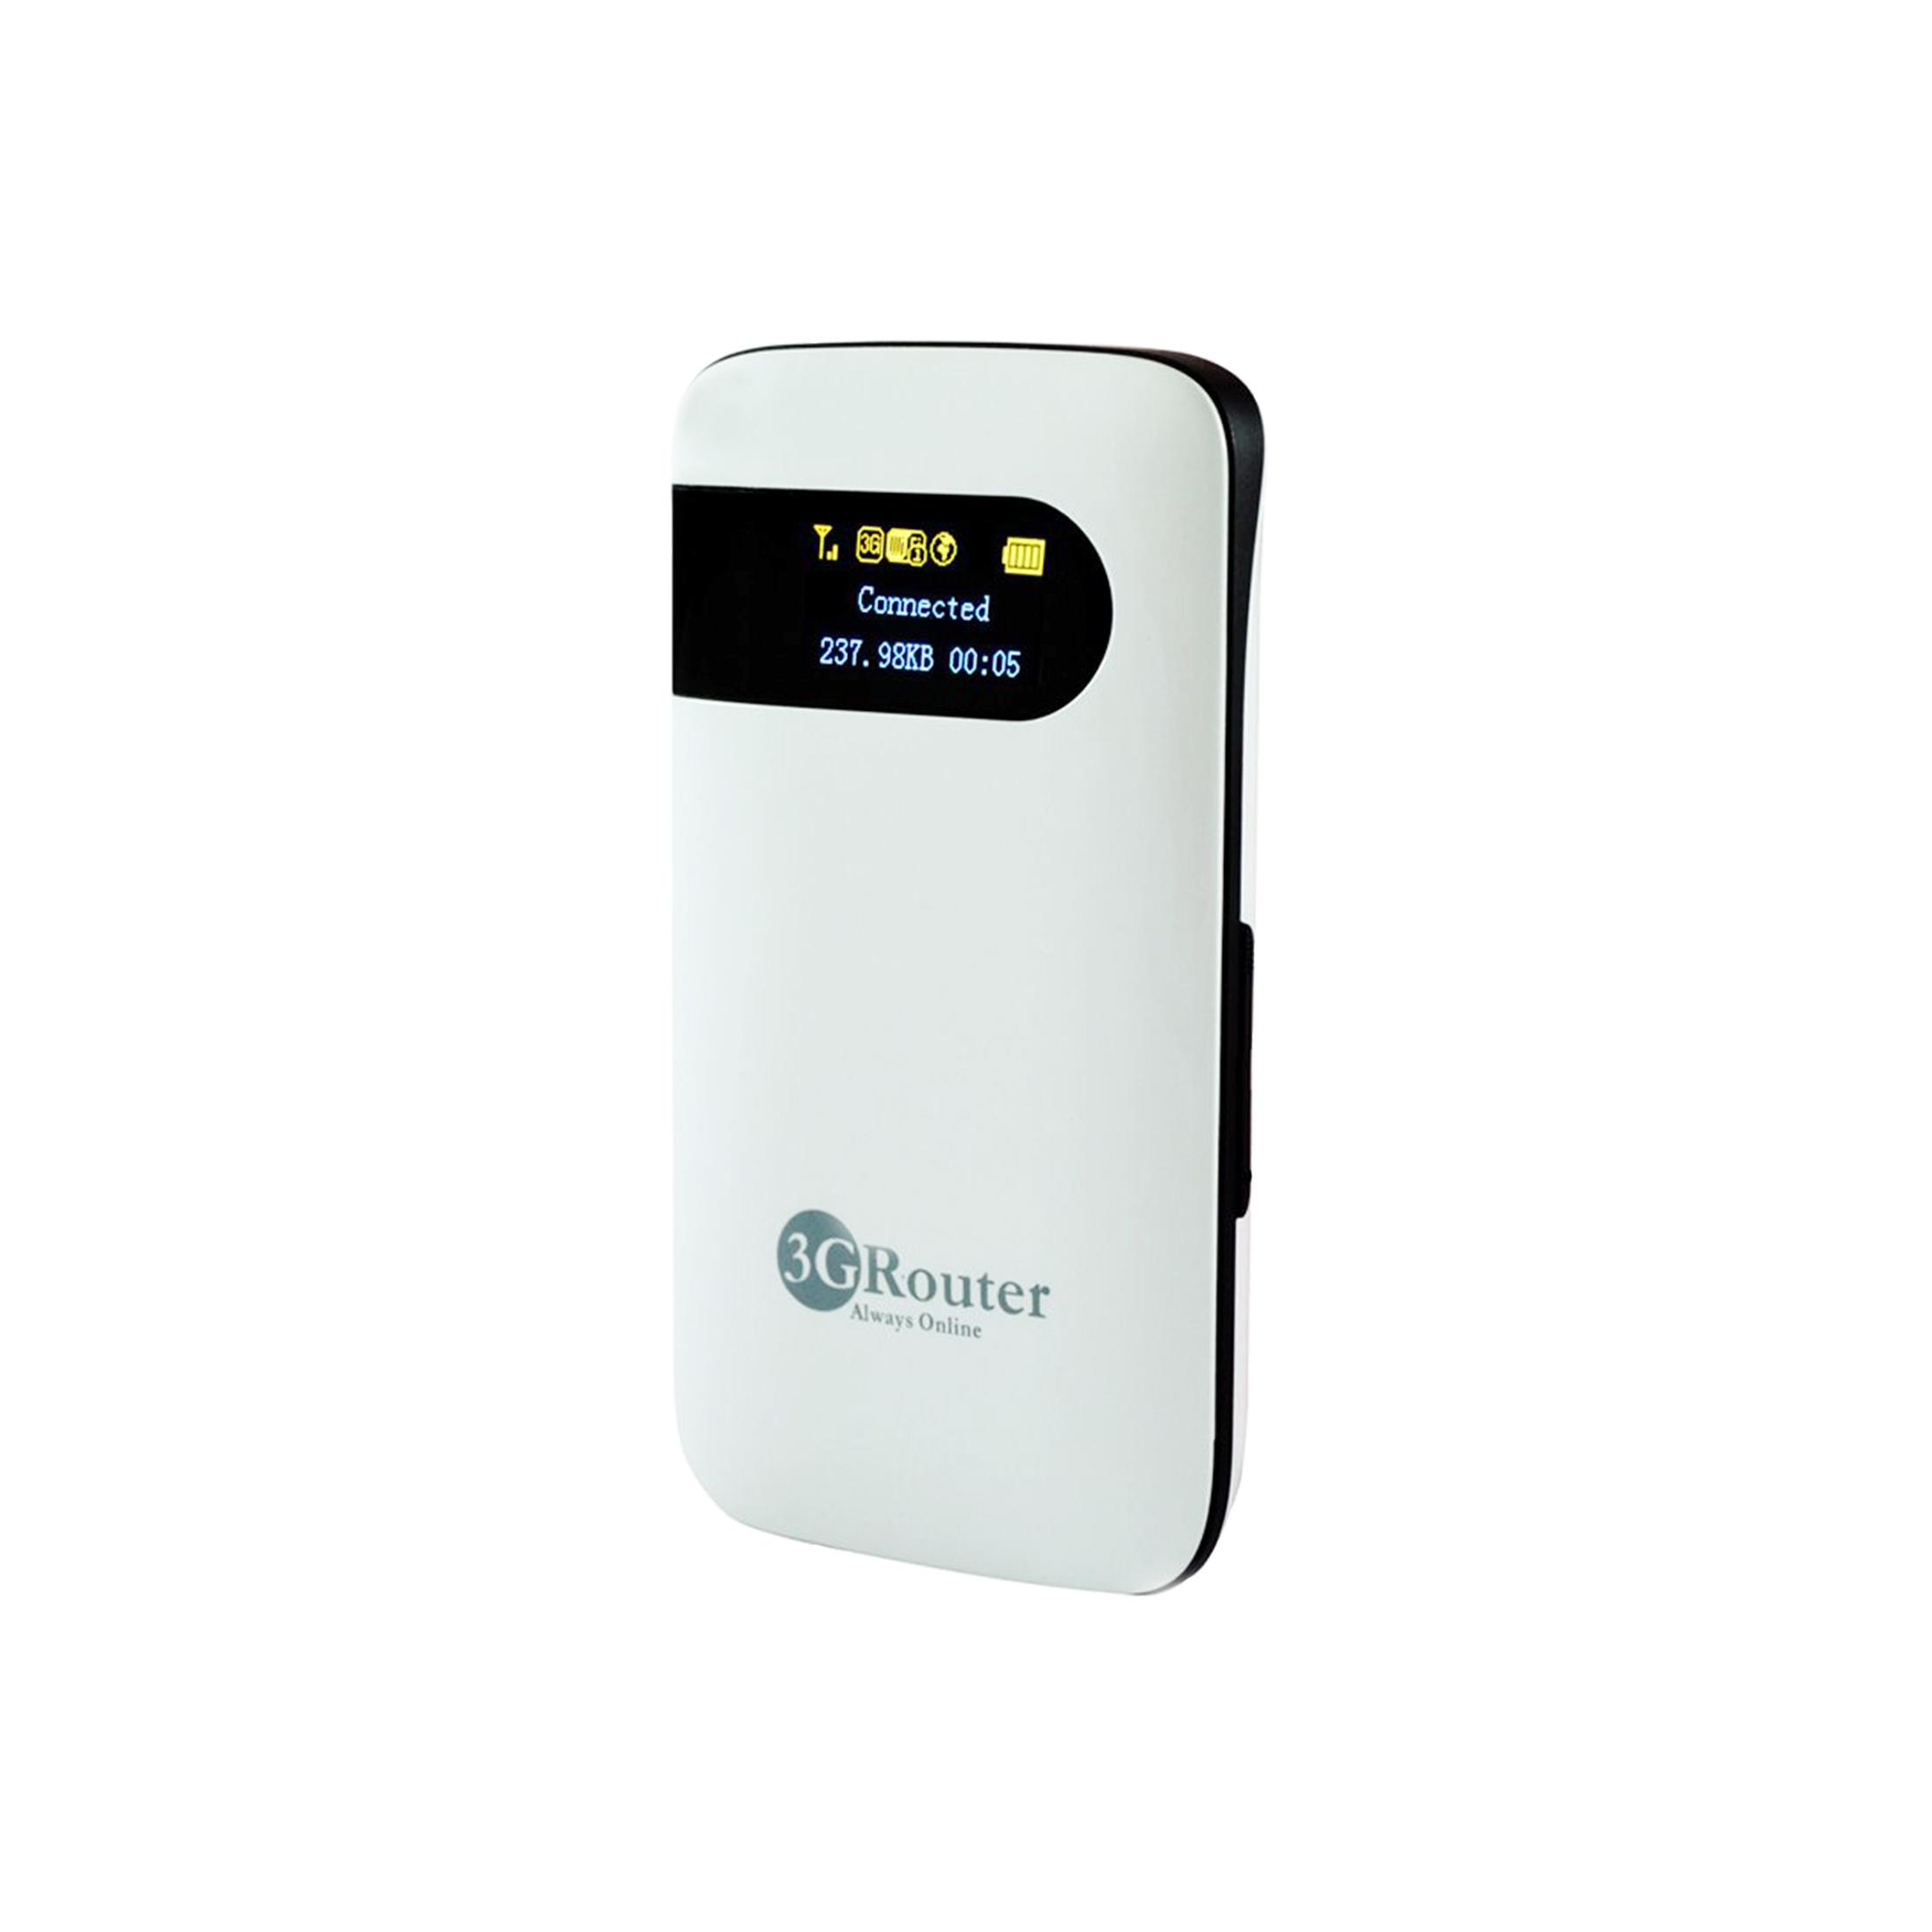 مودم 3G قابل حمل تری جی روتر مدل 2815